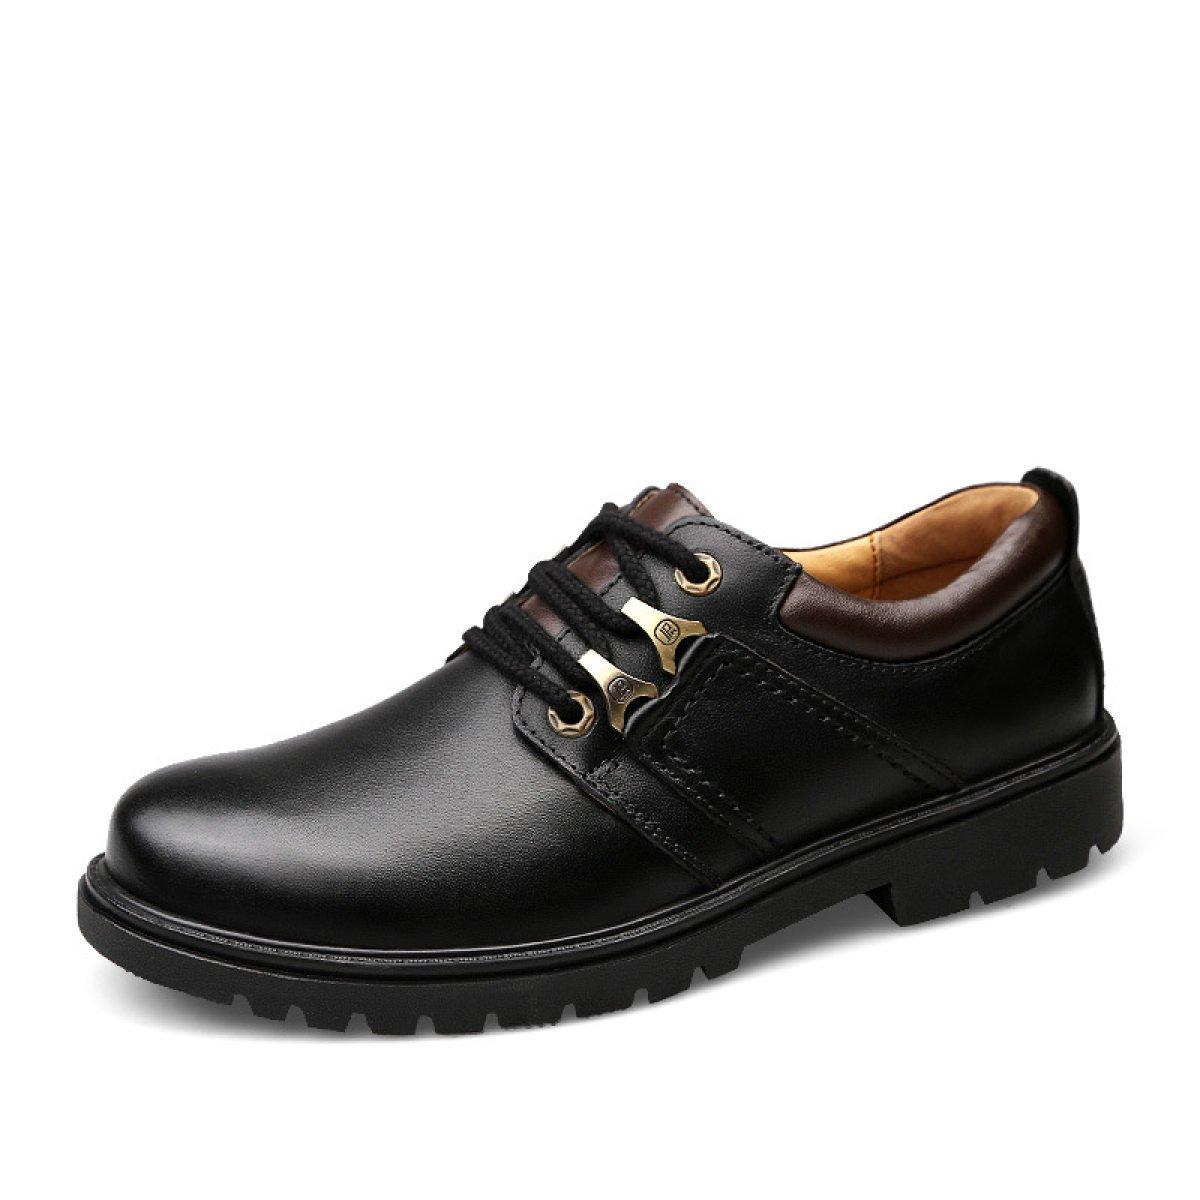 Herbst Und Winter Männer Business Freizeitschuhe Männer Weiche Ende Schuhe Tragen England Spitze Herrenschuhe